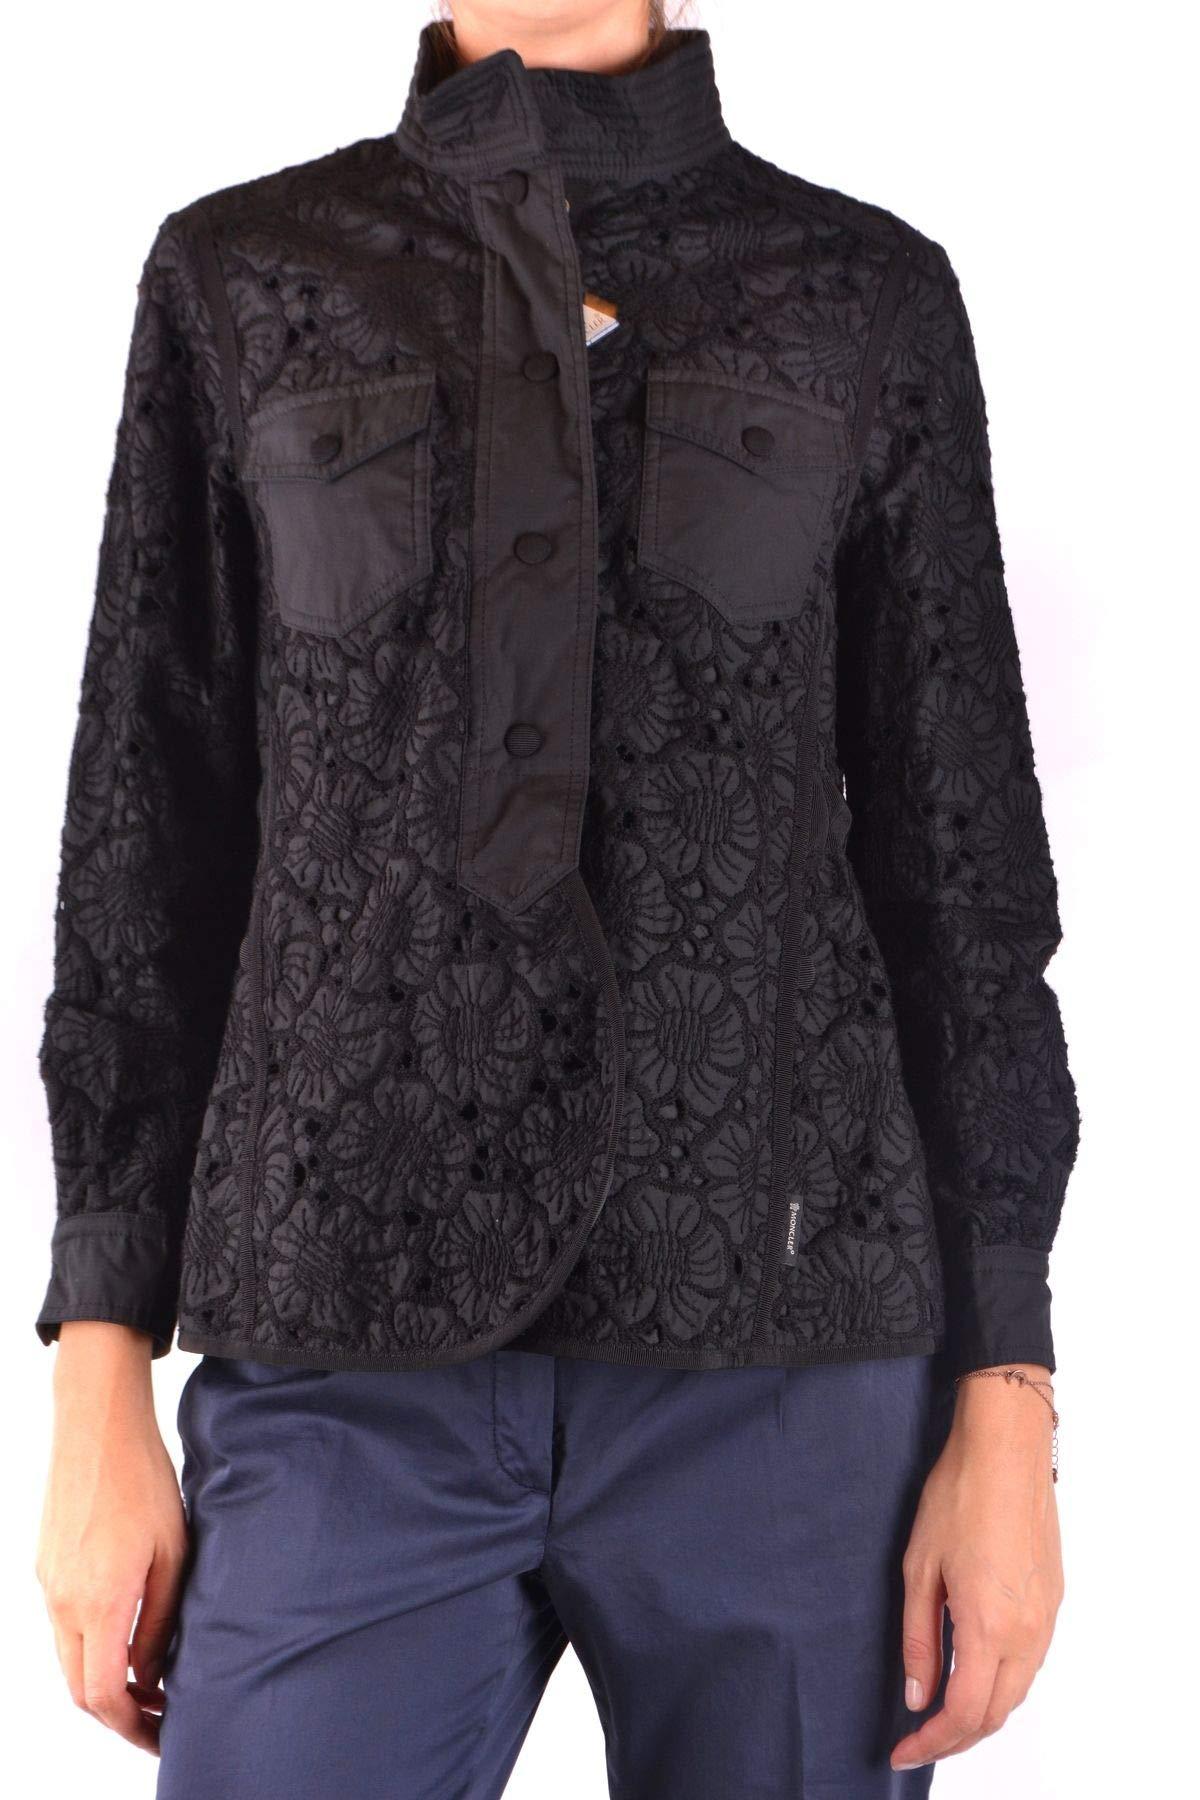 wholesale dealer 85700 87d38 Moncler Giacca Outerwear Uomo MCBI35523 Cotone Nero - Face Shop